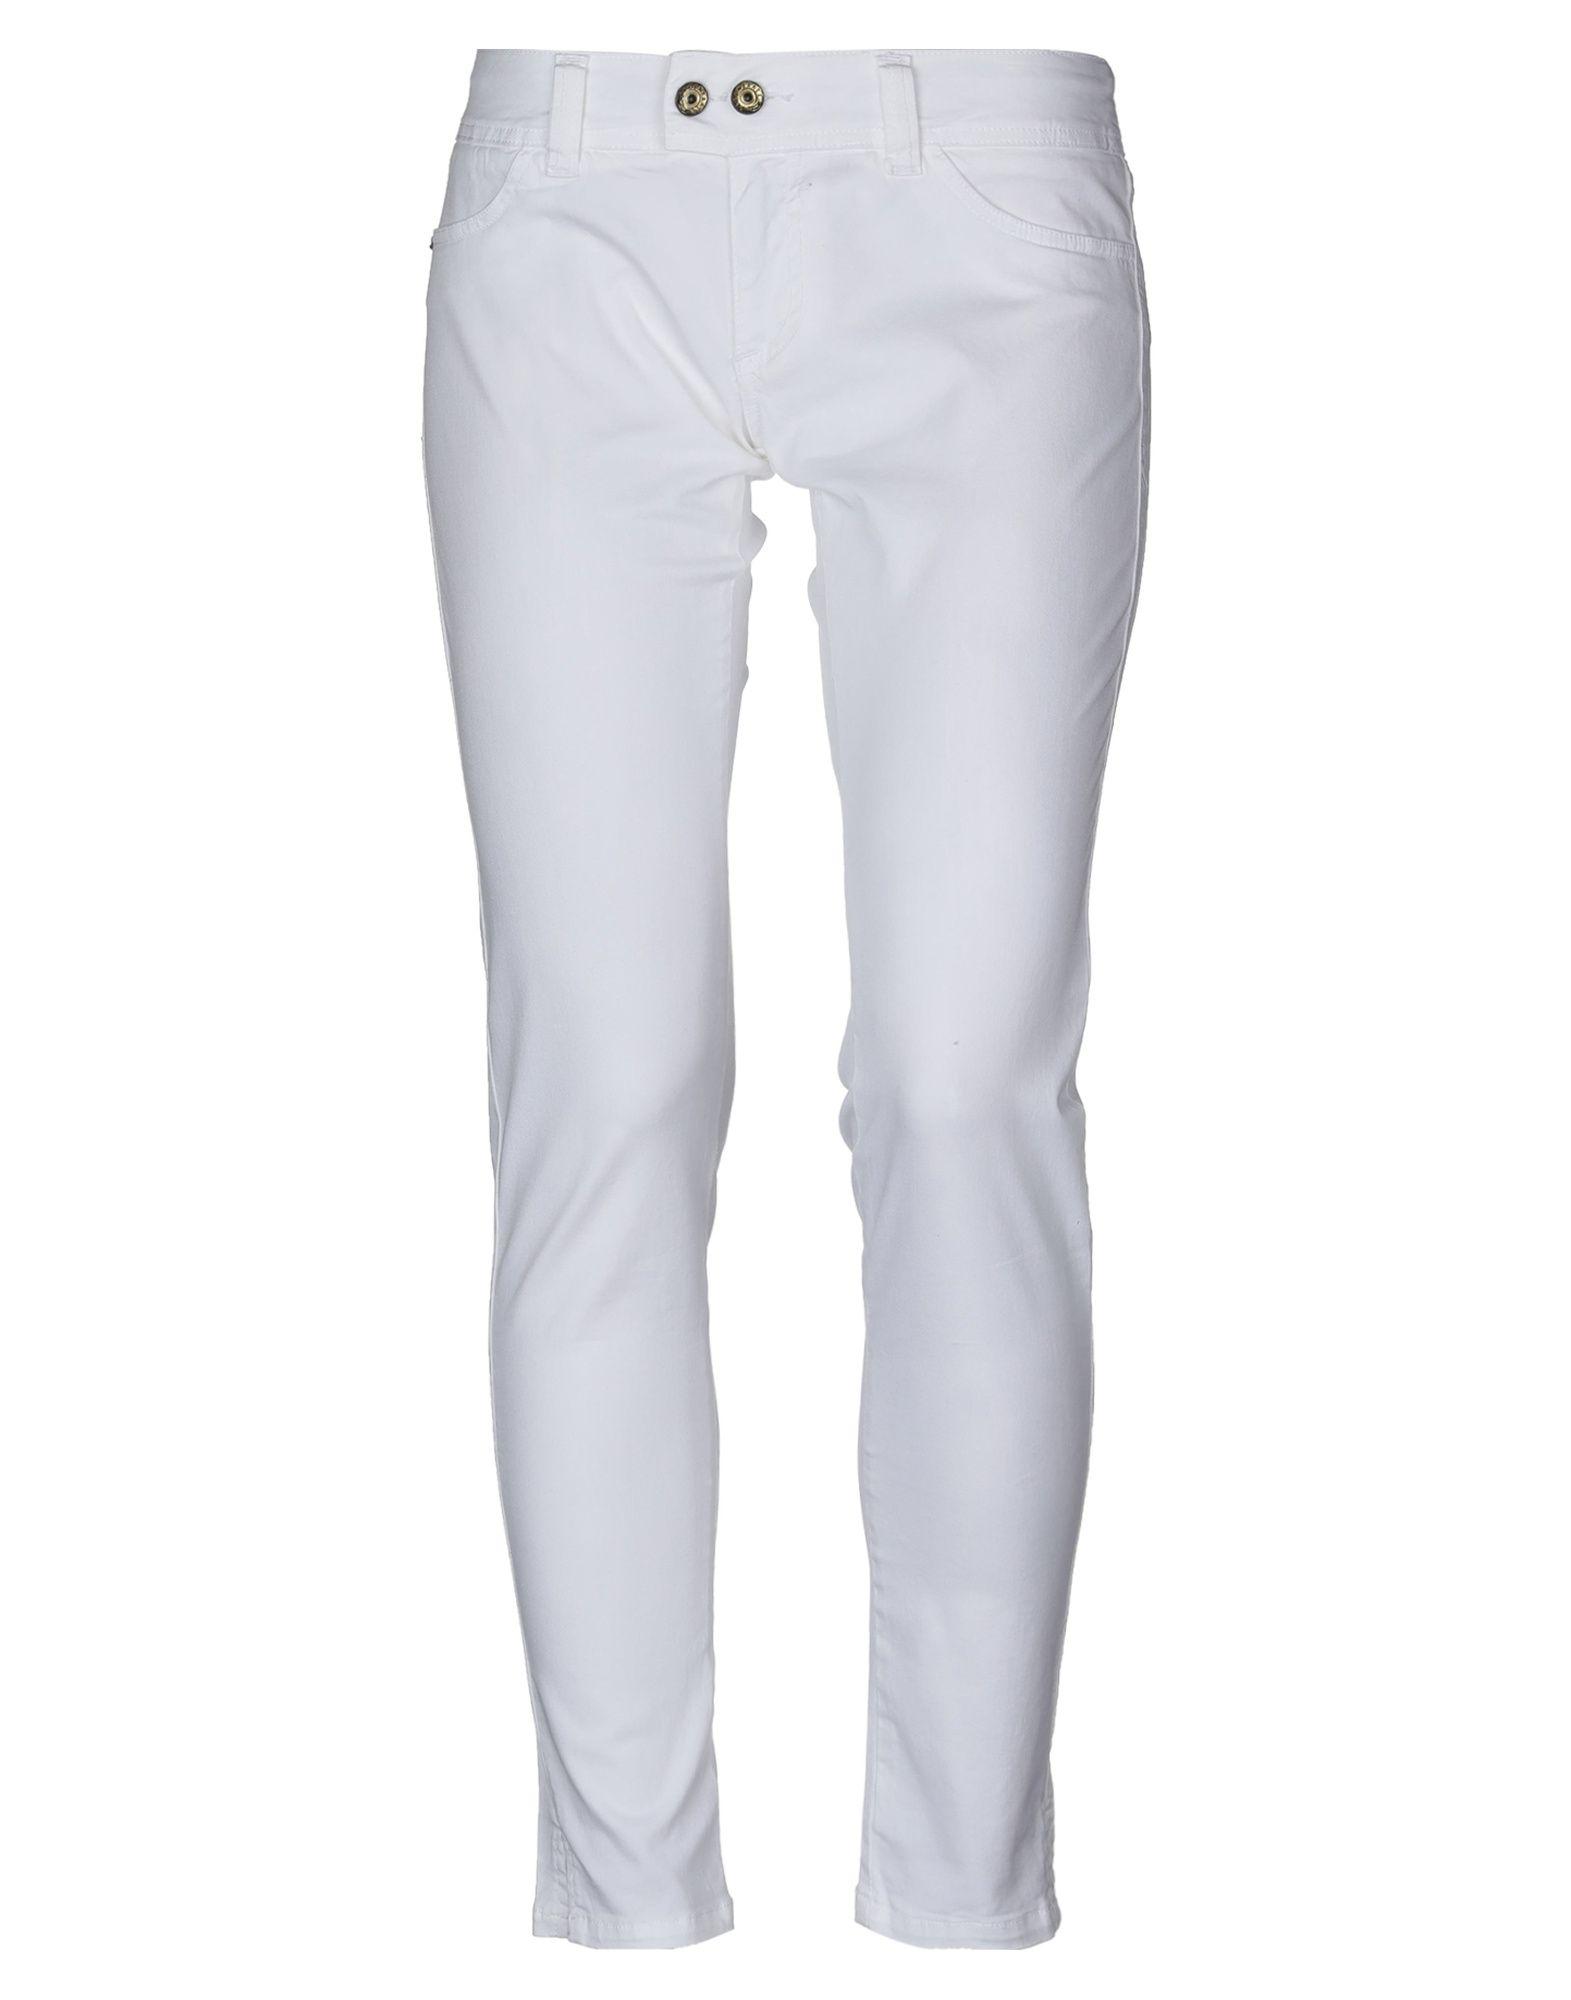 REGENERATE® by MANGANO Повседневные брюки